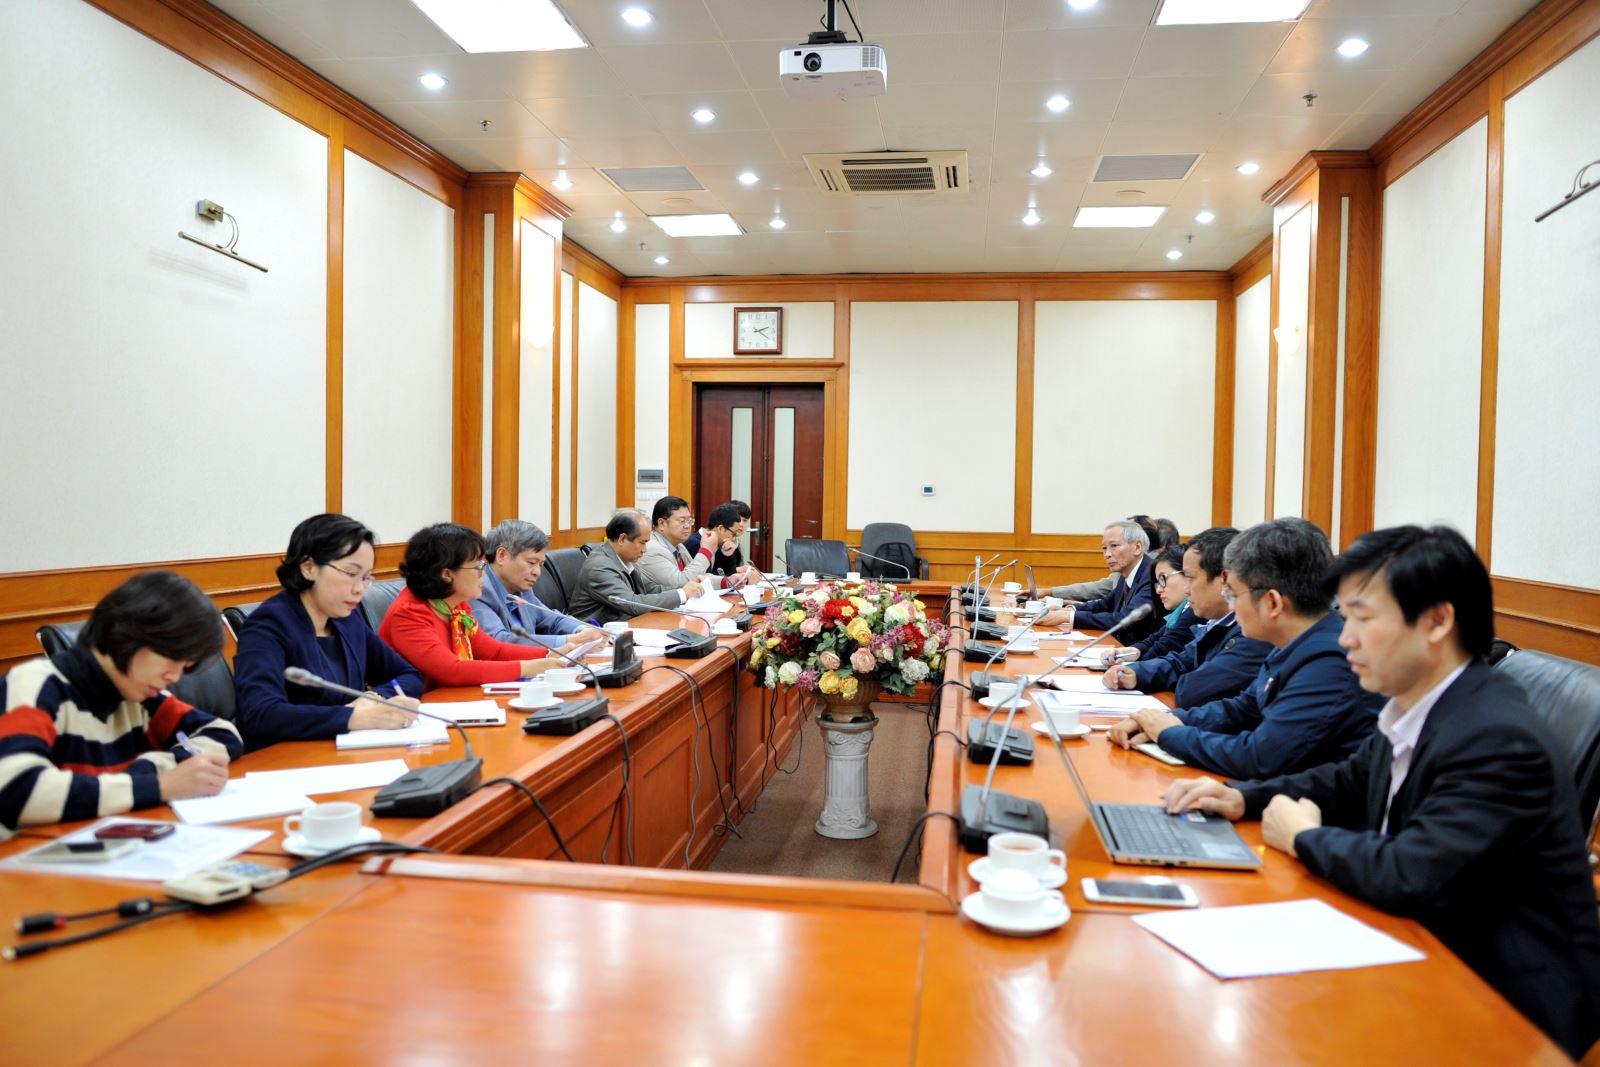 Tiểu ban Khoa học Tự nhiên, Ủy ban Quốc gia UNESCO Việt Nam tổng kết hoạt động năm 2018 và phương hướng nhiệm vụ năm 2019